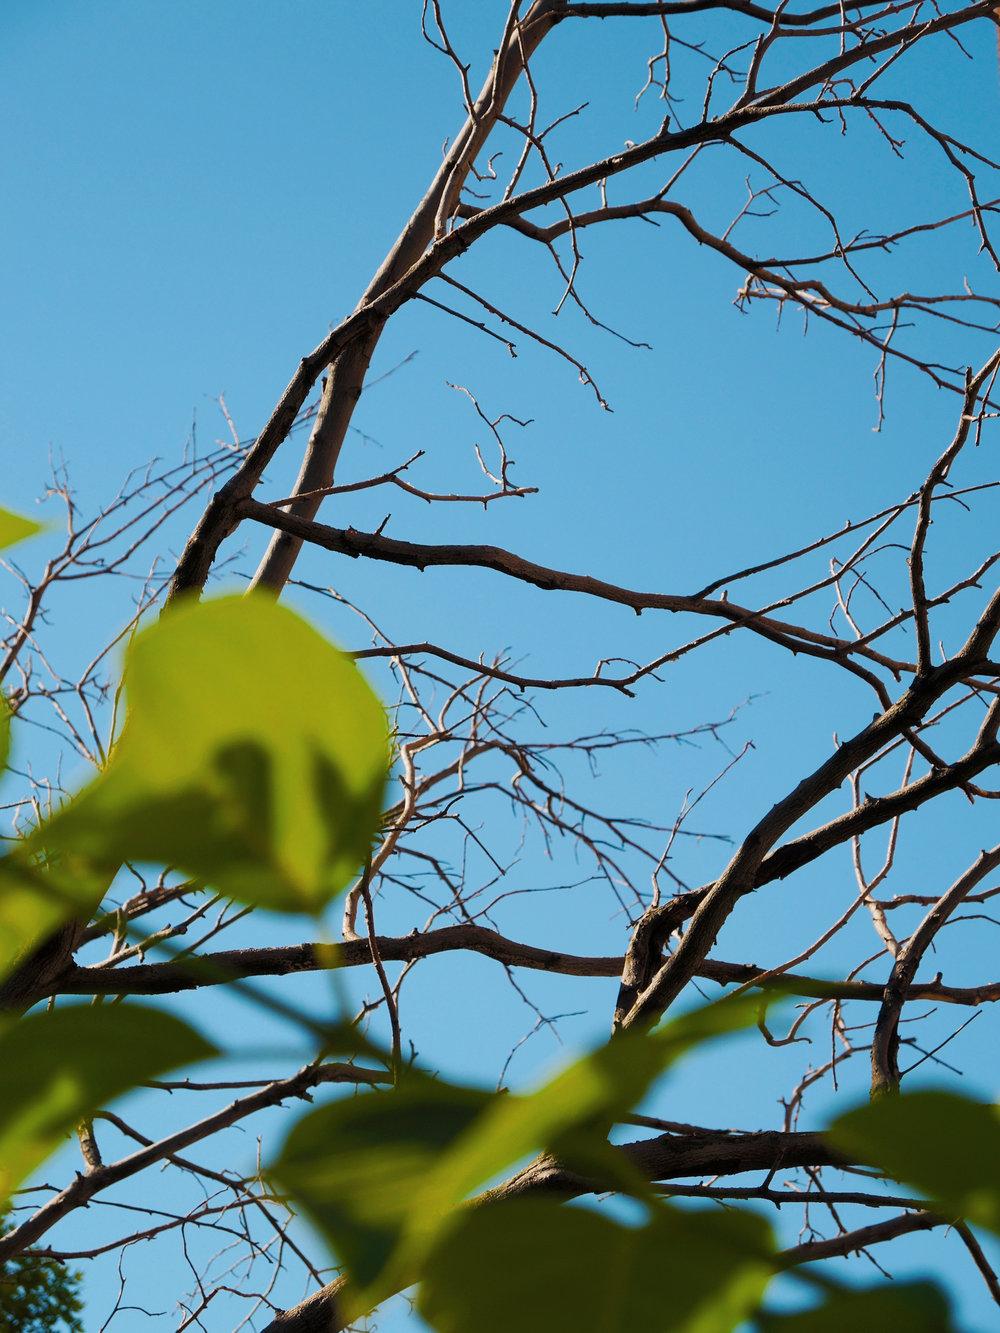 branchleaves2.jpg